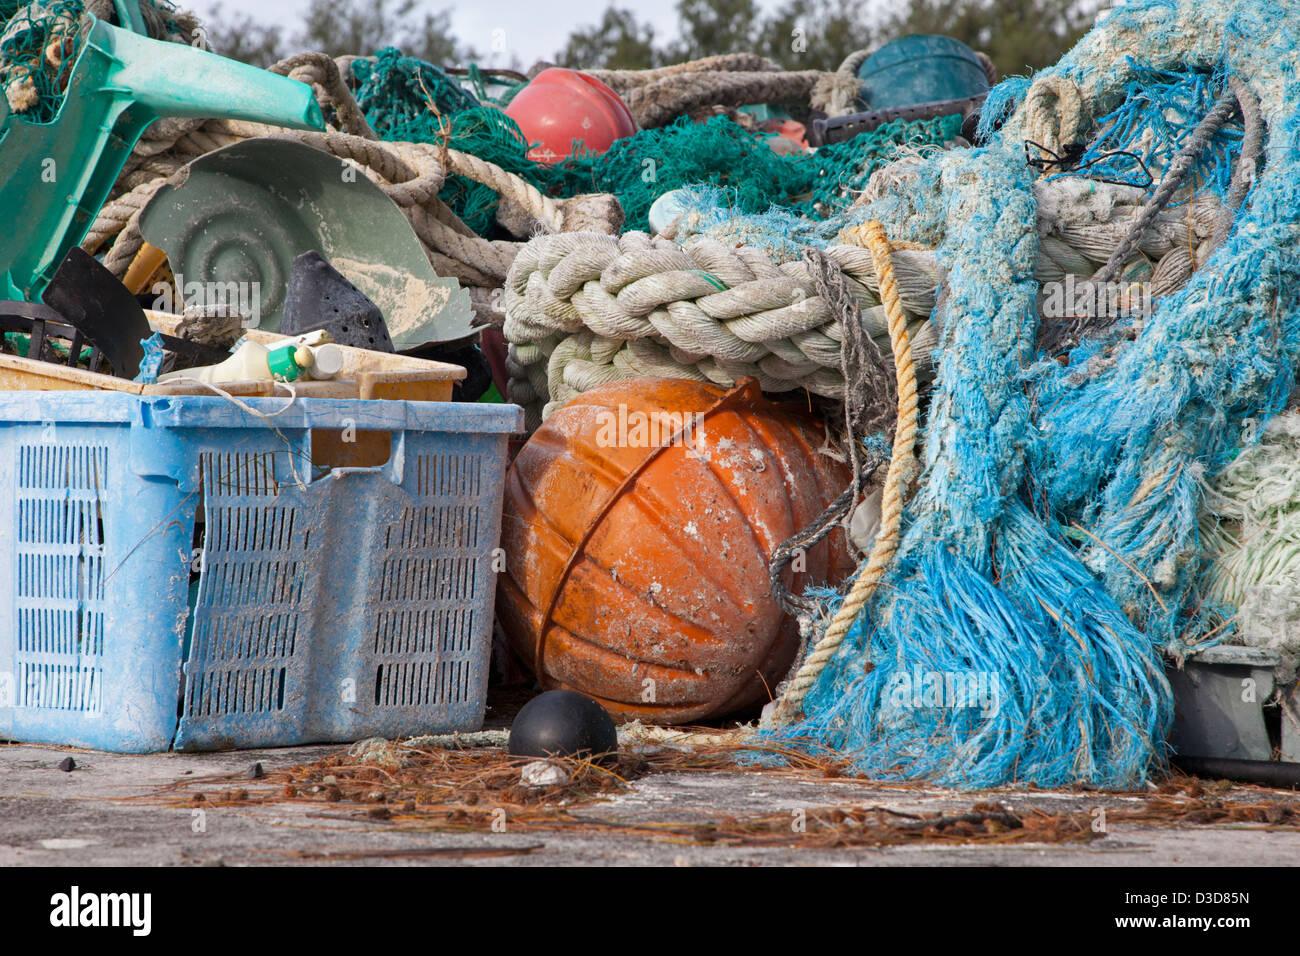 Los desechos marinos trajo a orillas del Atolón de Midway por las corrientes oceánicas, a continuación, recogidos para ser enviados fuera de la isla para su reciclado o eliminación Foto de stock